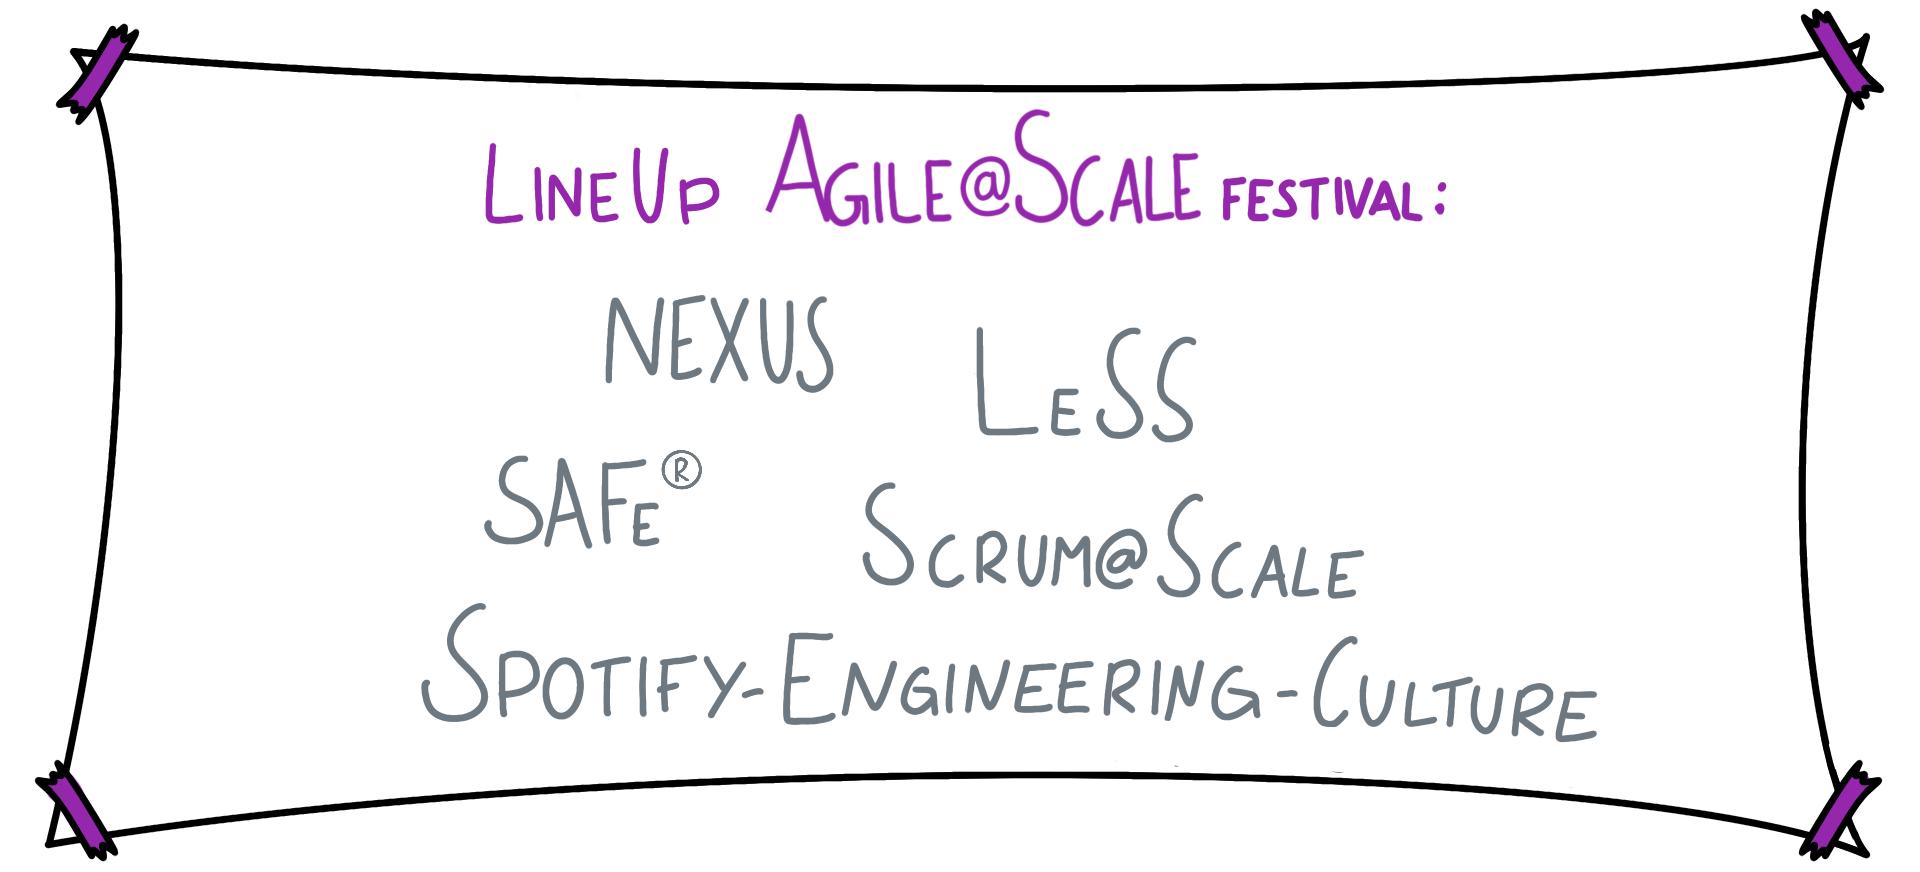 Festival+teams 2